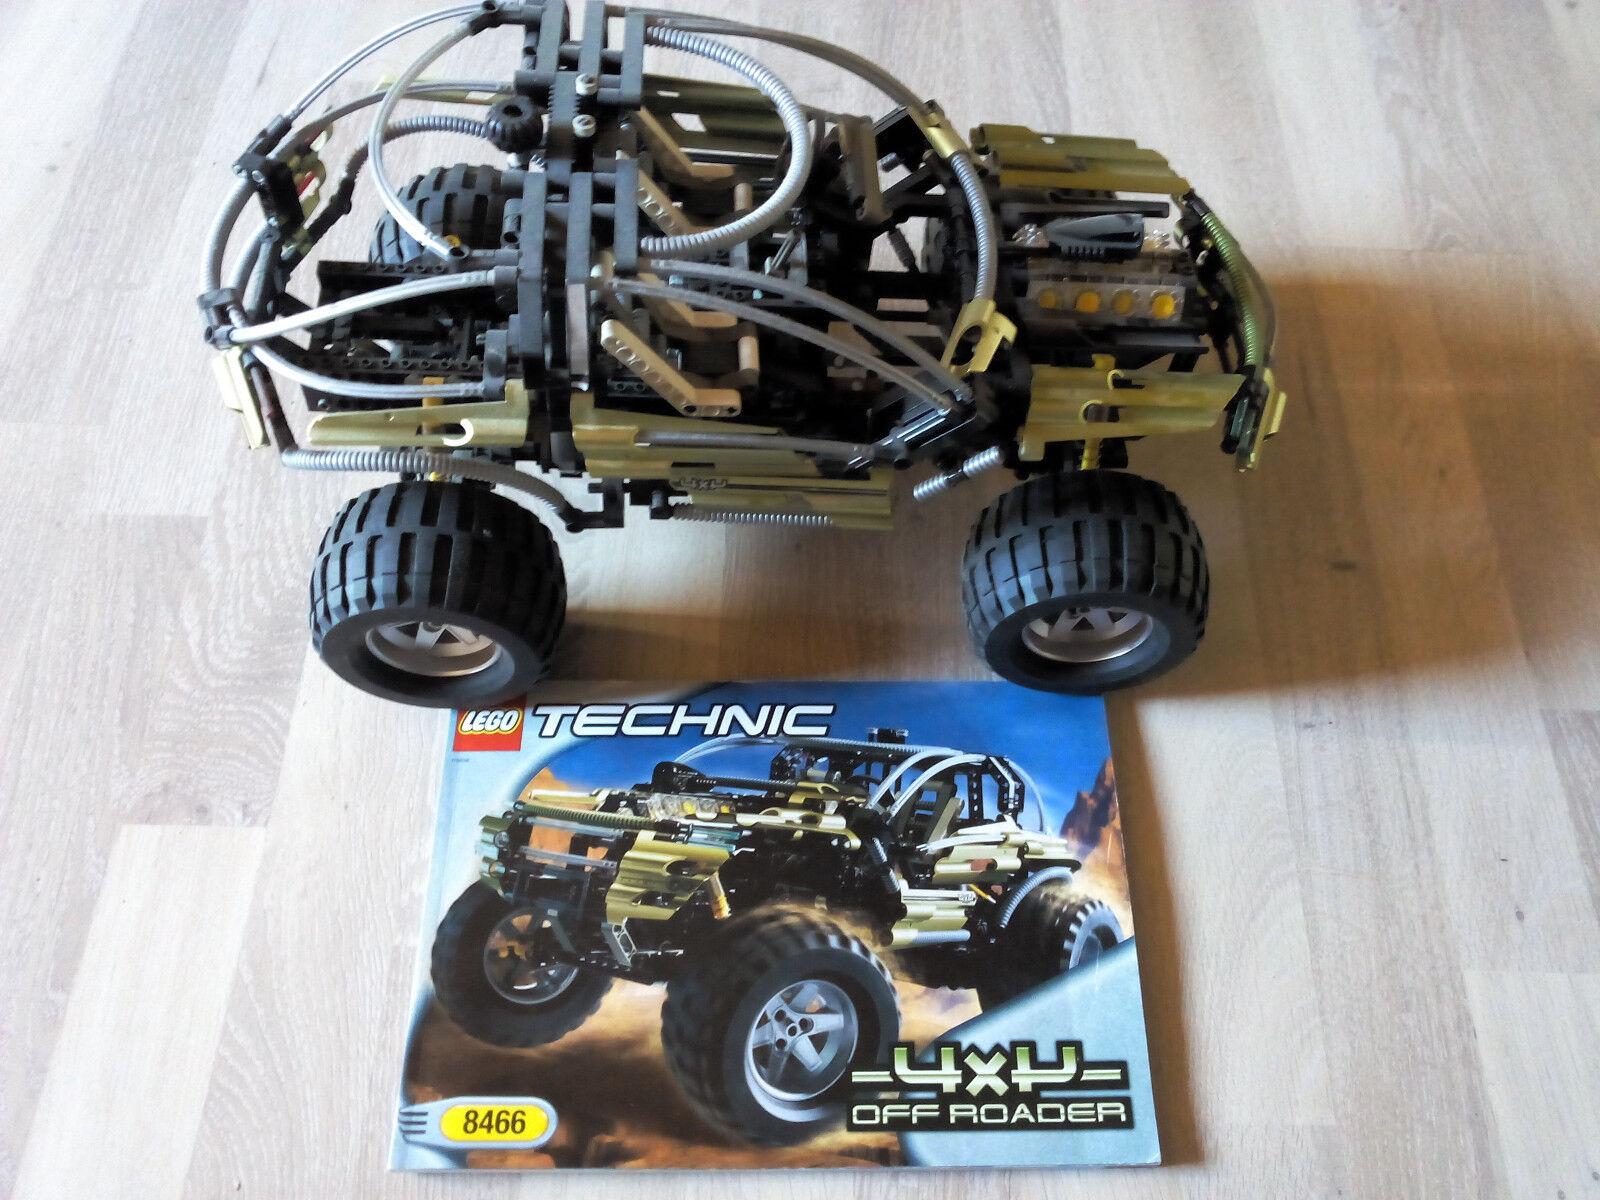 Lego Technic Technik 8466 Off Roader 4x4   GUTER ZUSTAND - RARITÄT